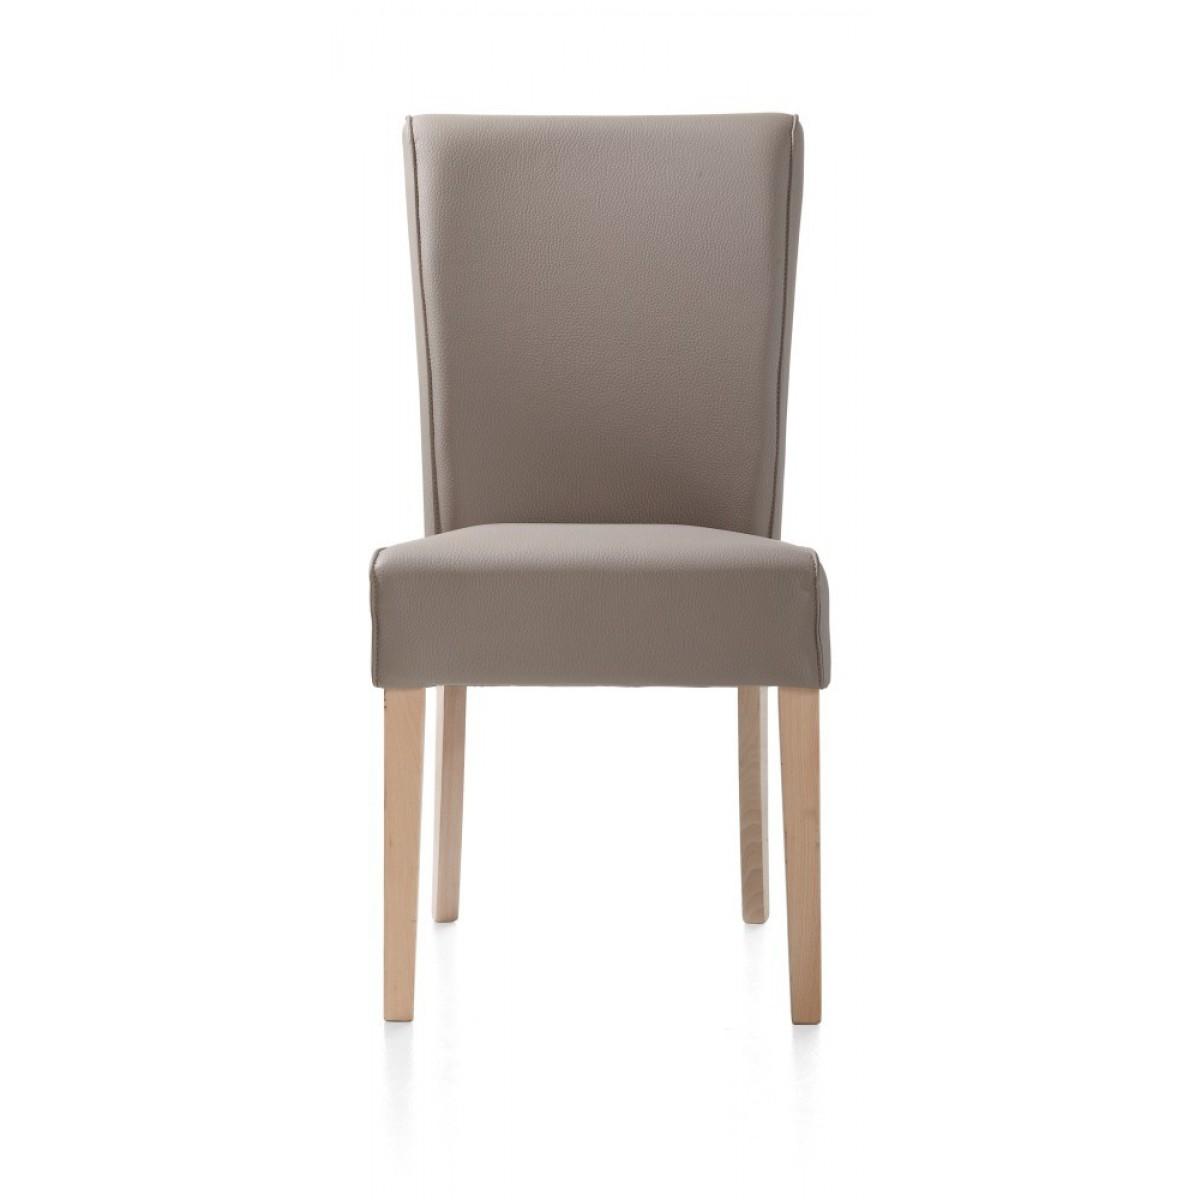 queen-stoel-eetkamerstoel-poot-hout-eiken-tatra-voorkant